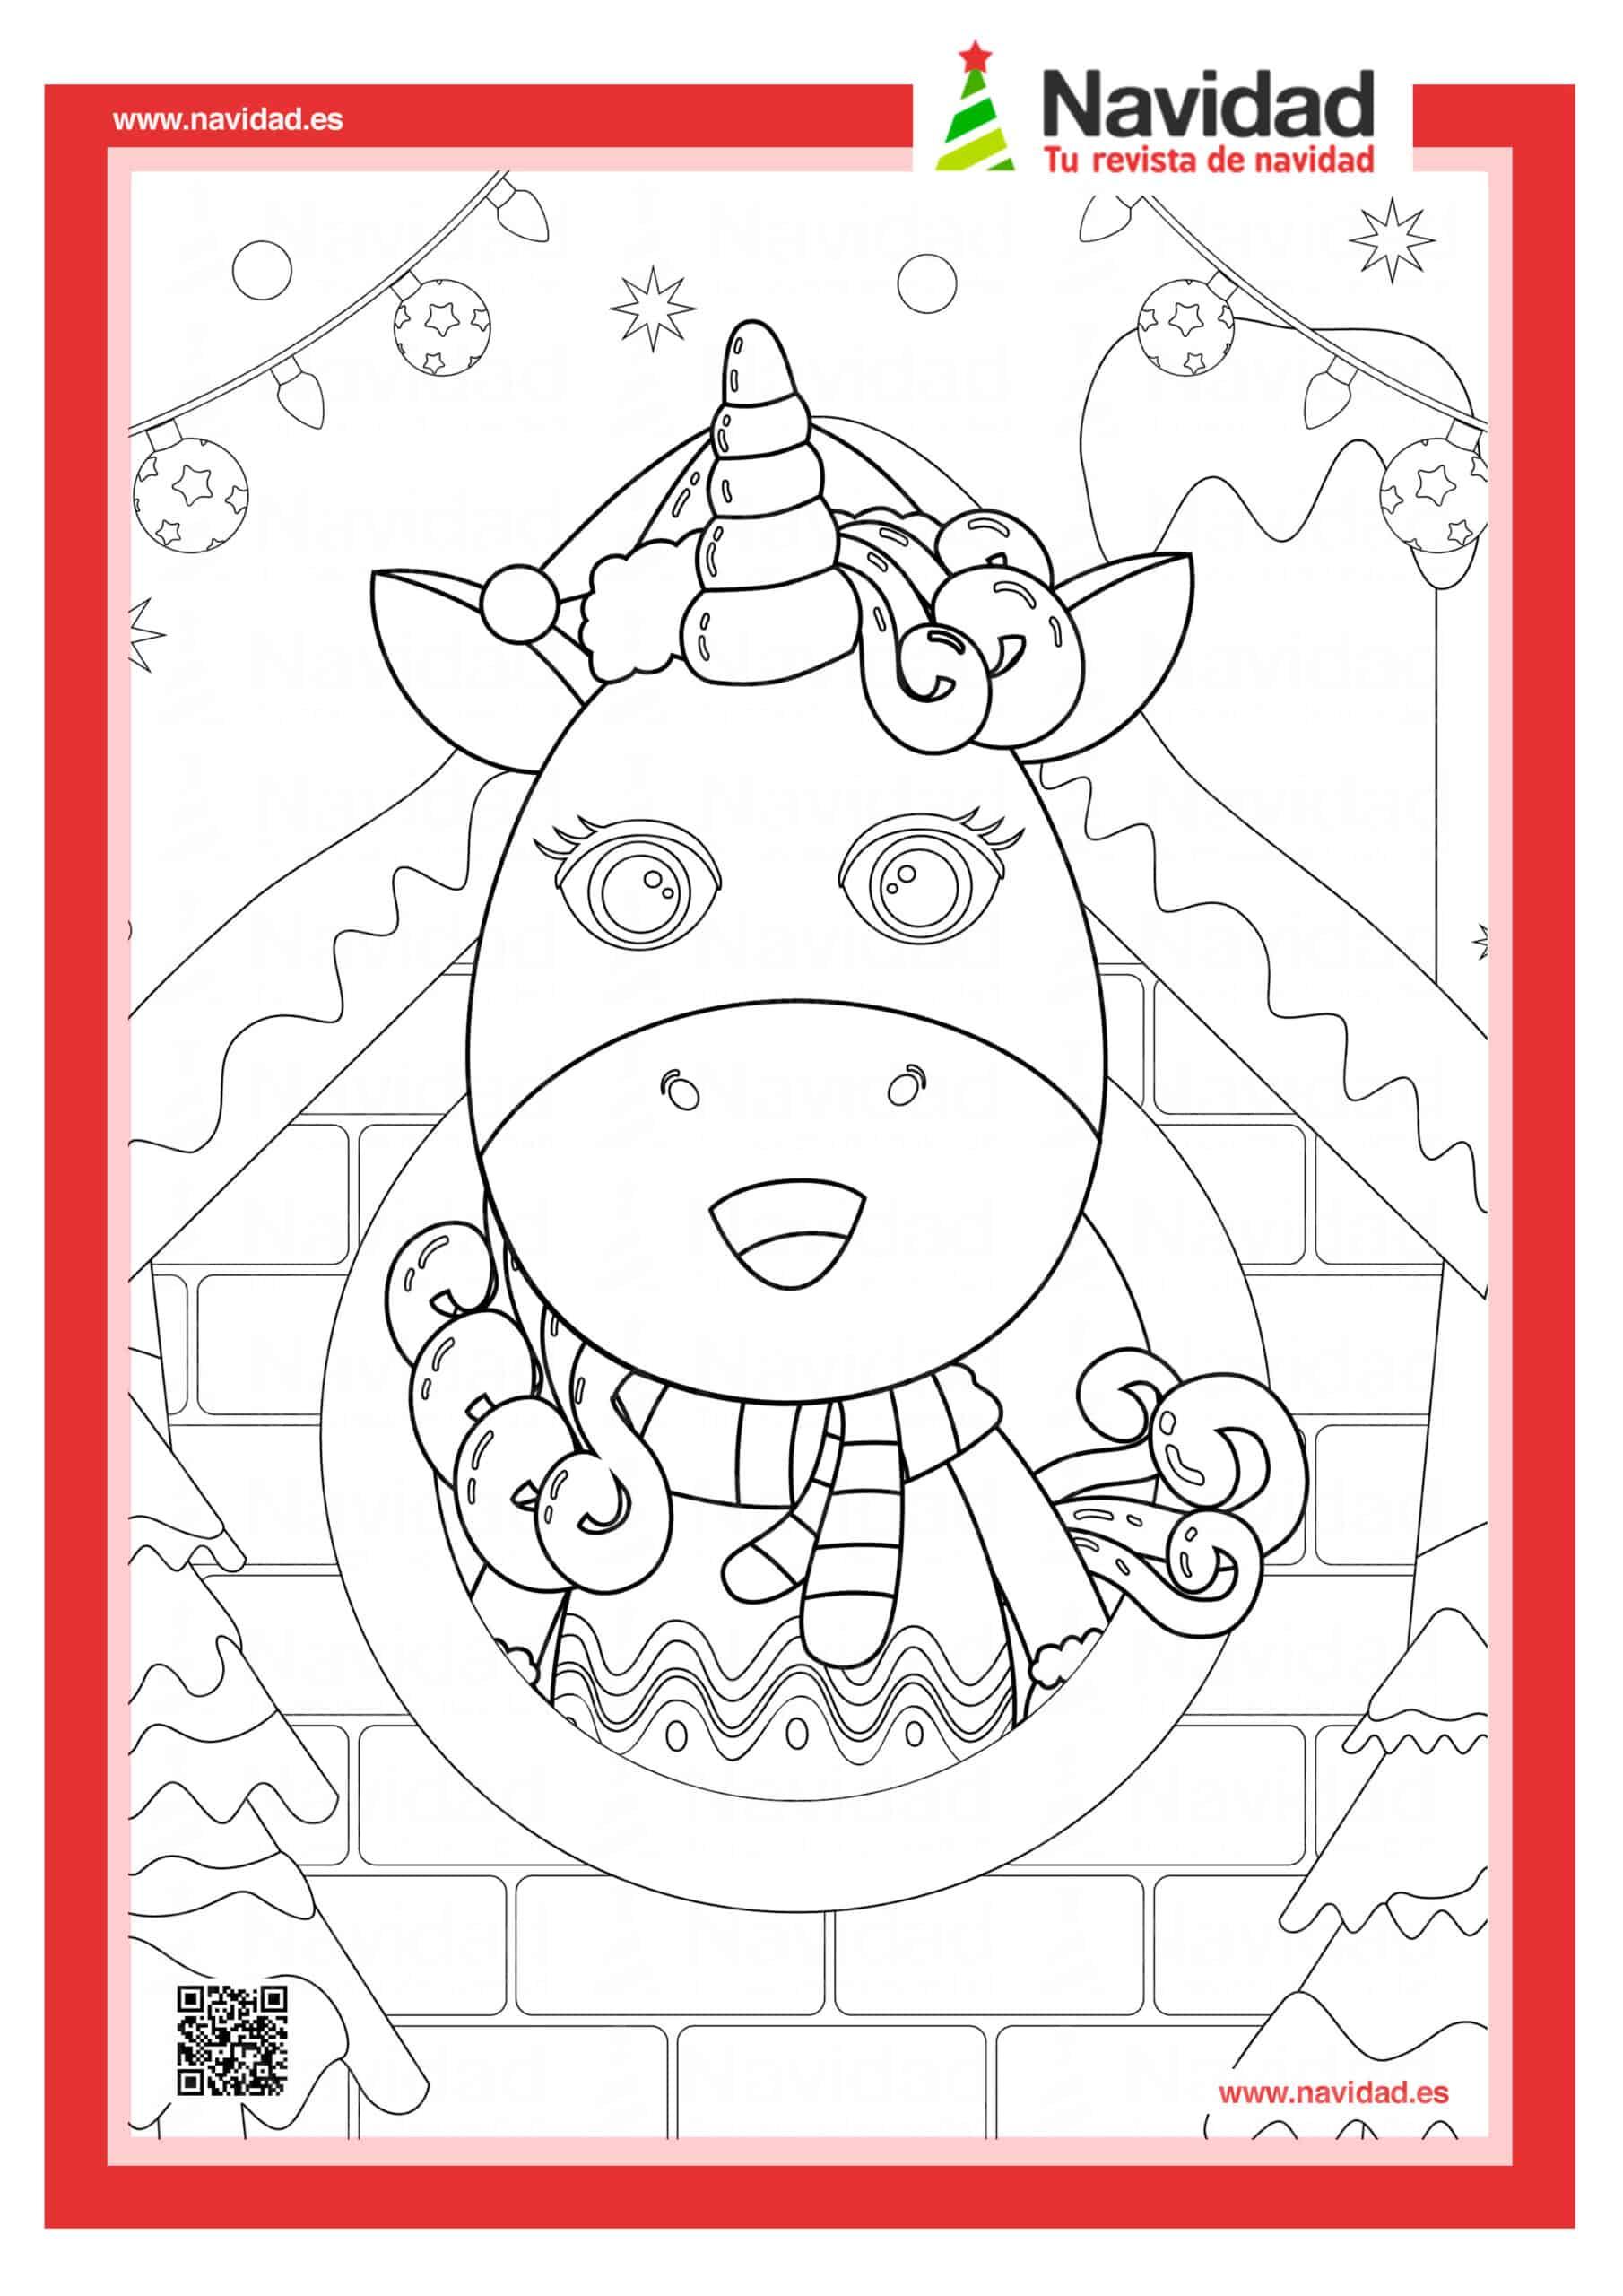 Dibujos navideños para colorear con los hijos esta Navidad 3